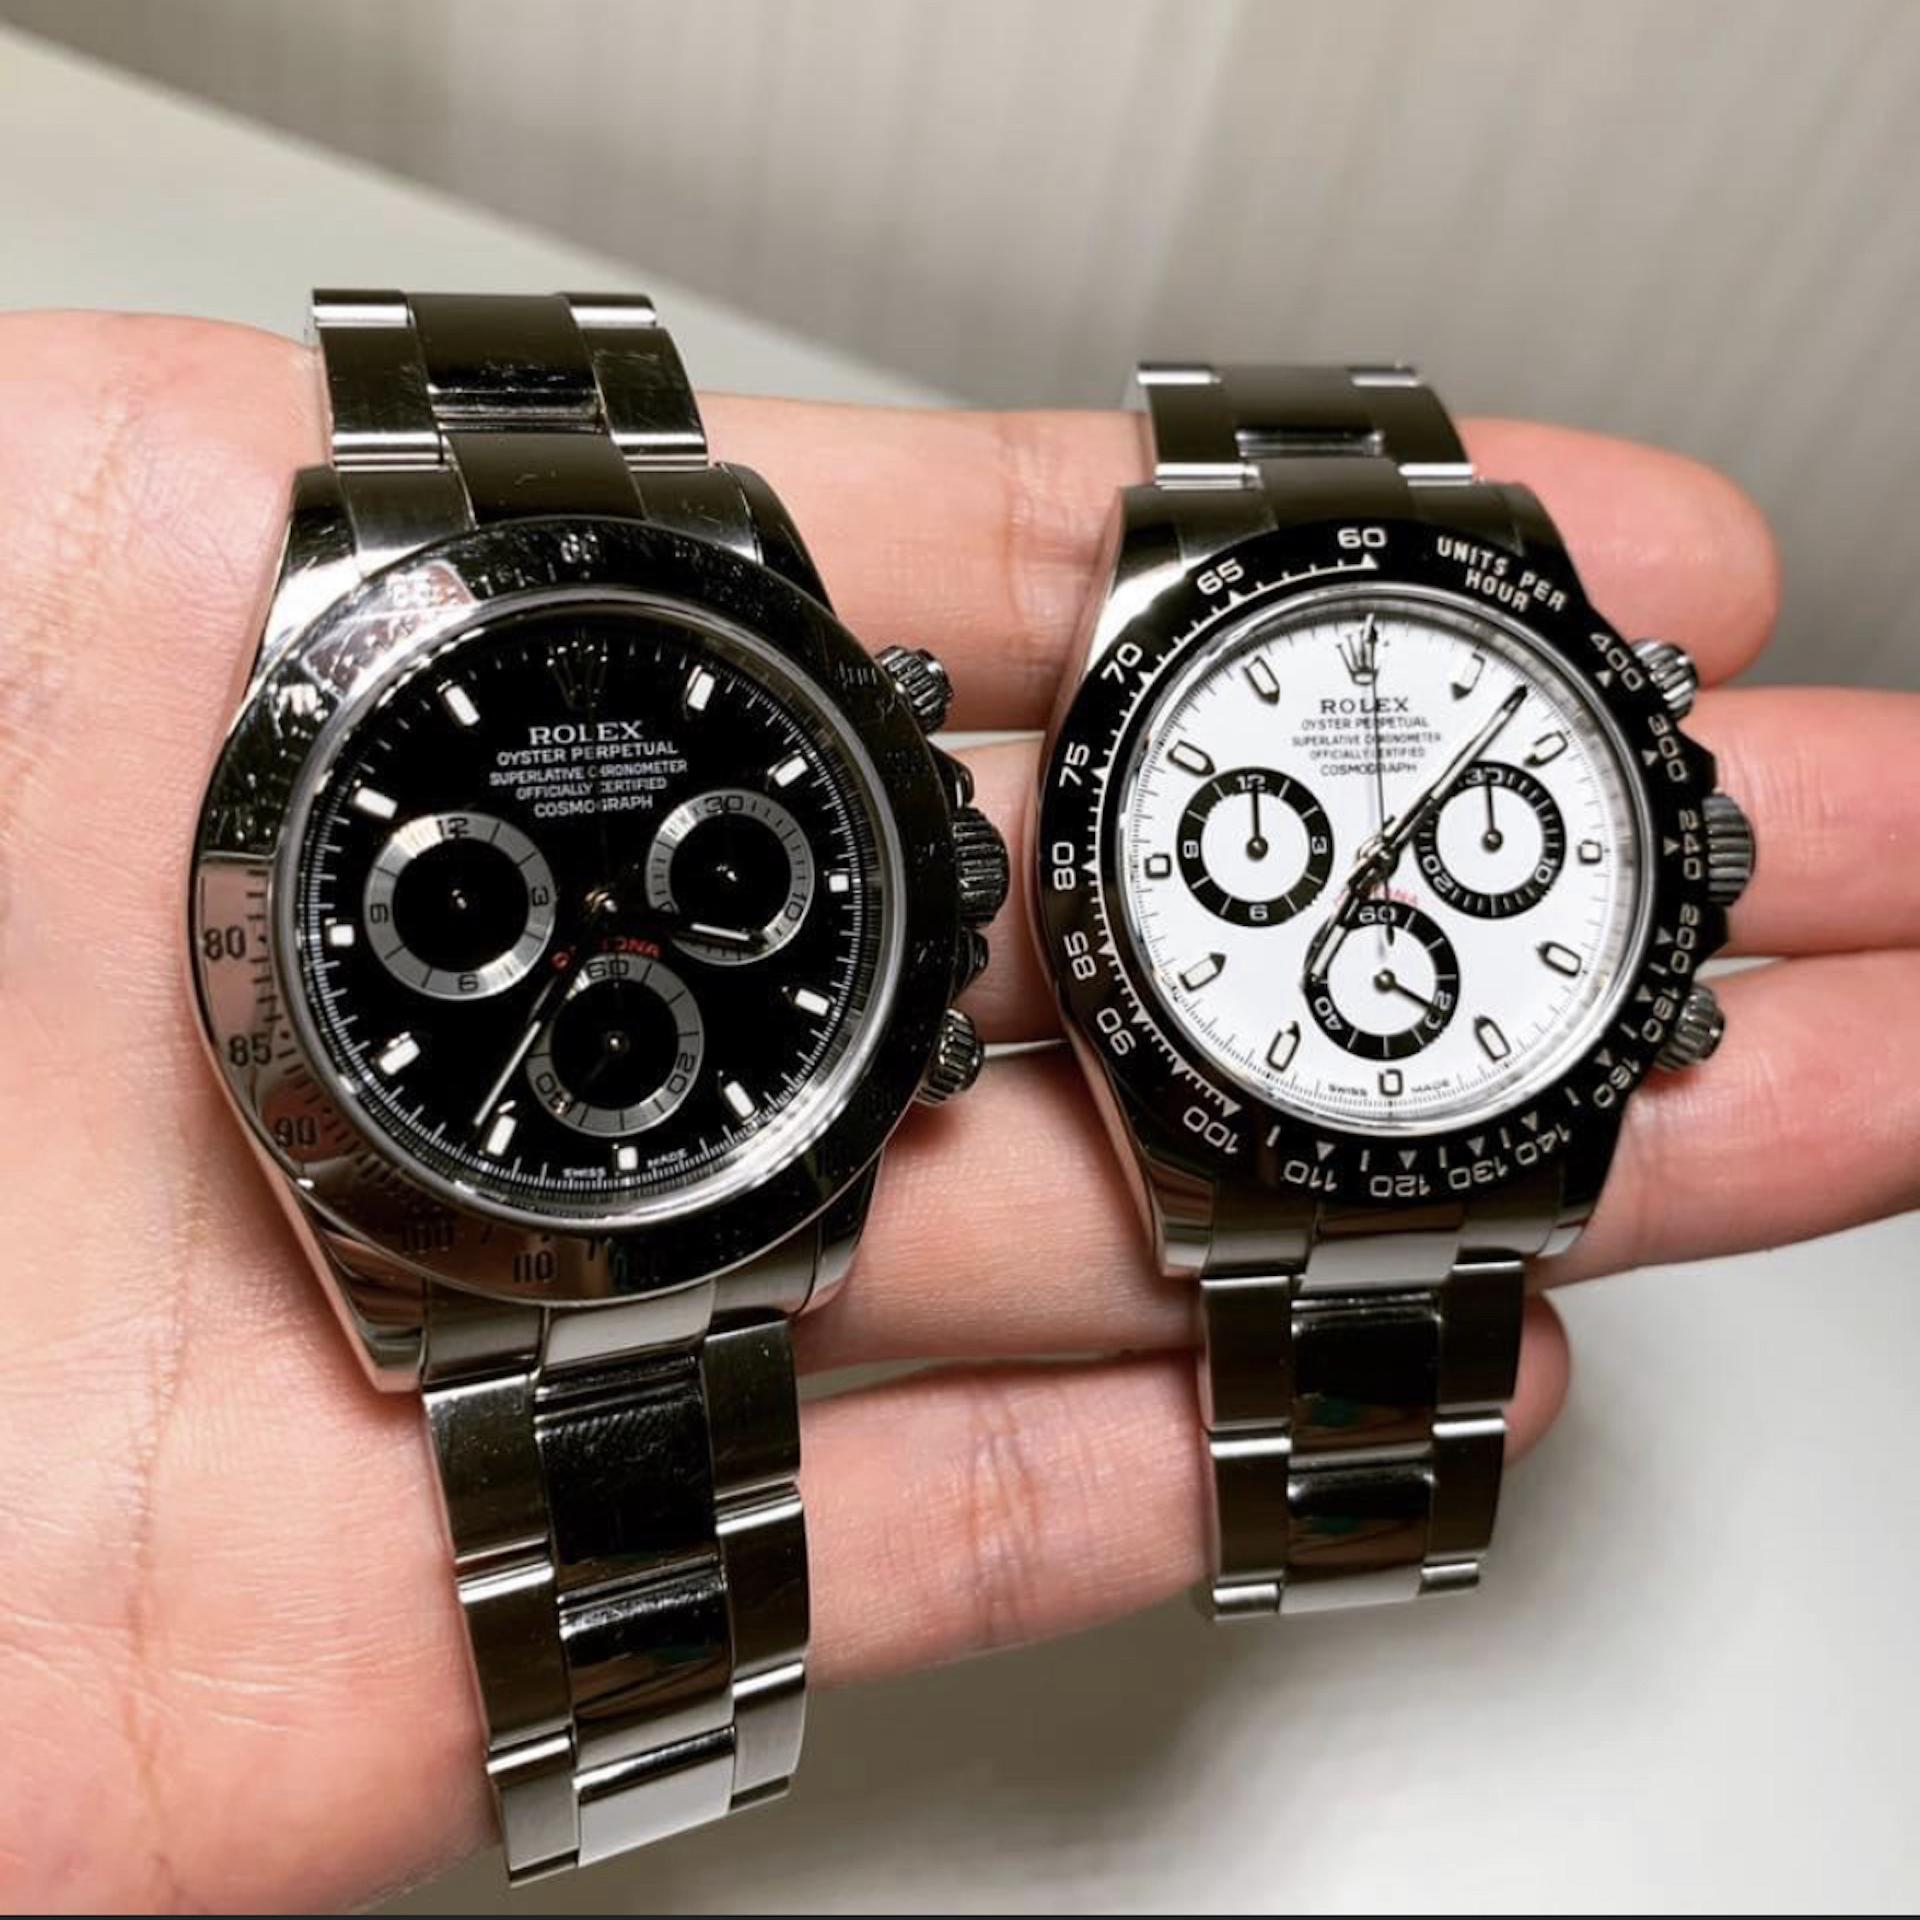 經由Rolexaholic 販售的皆為全新手錶,所有手錶都會開立收據、註明手錶型號款式,💯正貨保證,如發生真偽問題,全額退款。